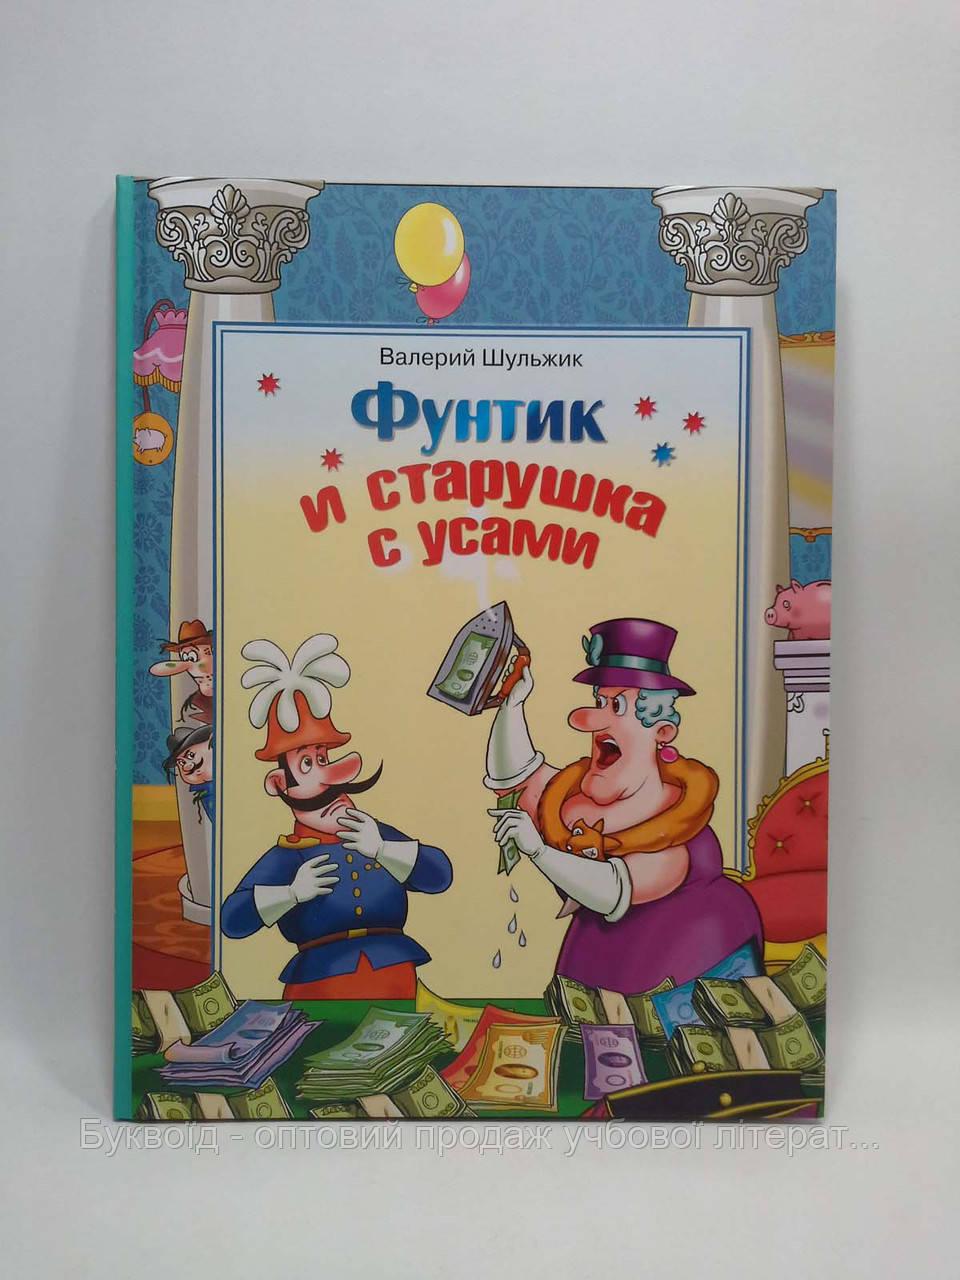 Сім кольорів Шульжик Фунтик и старушка с усами